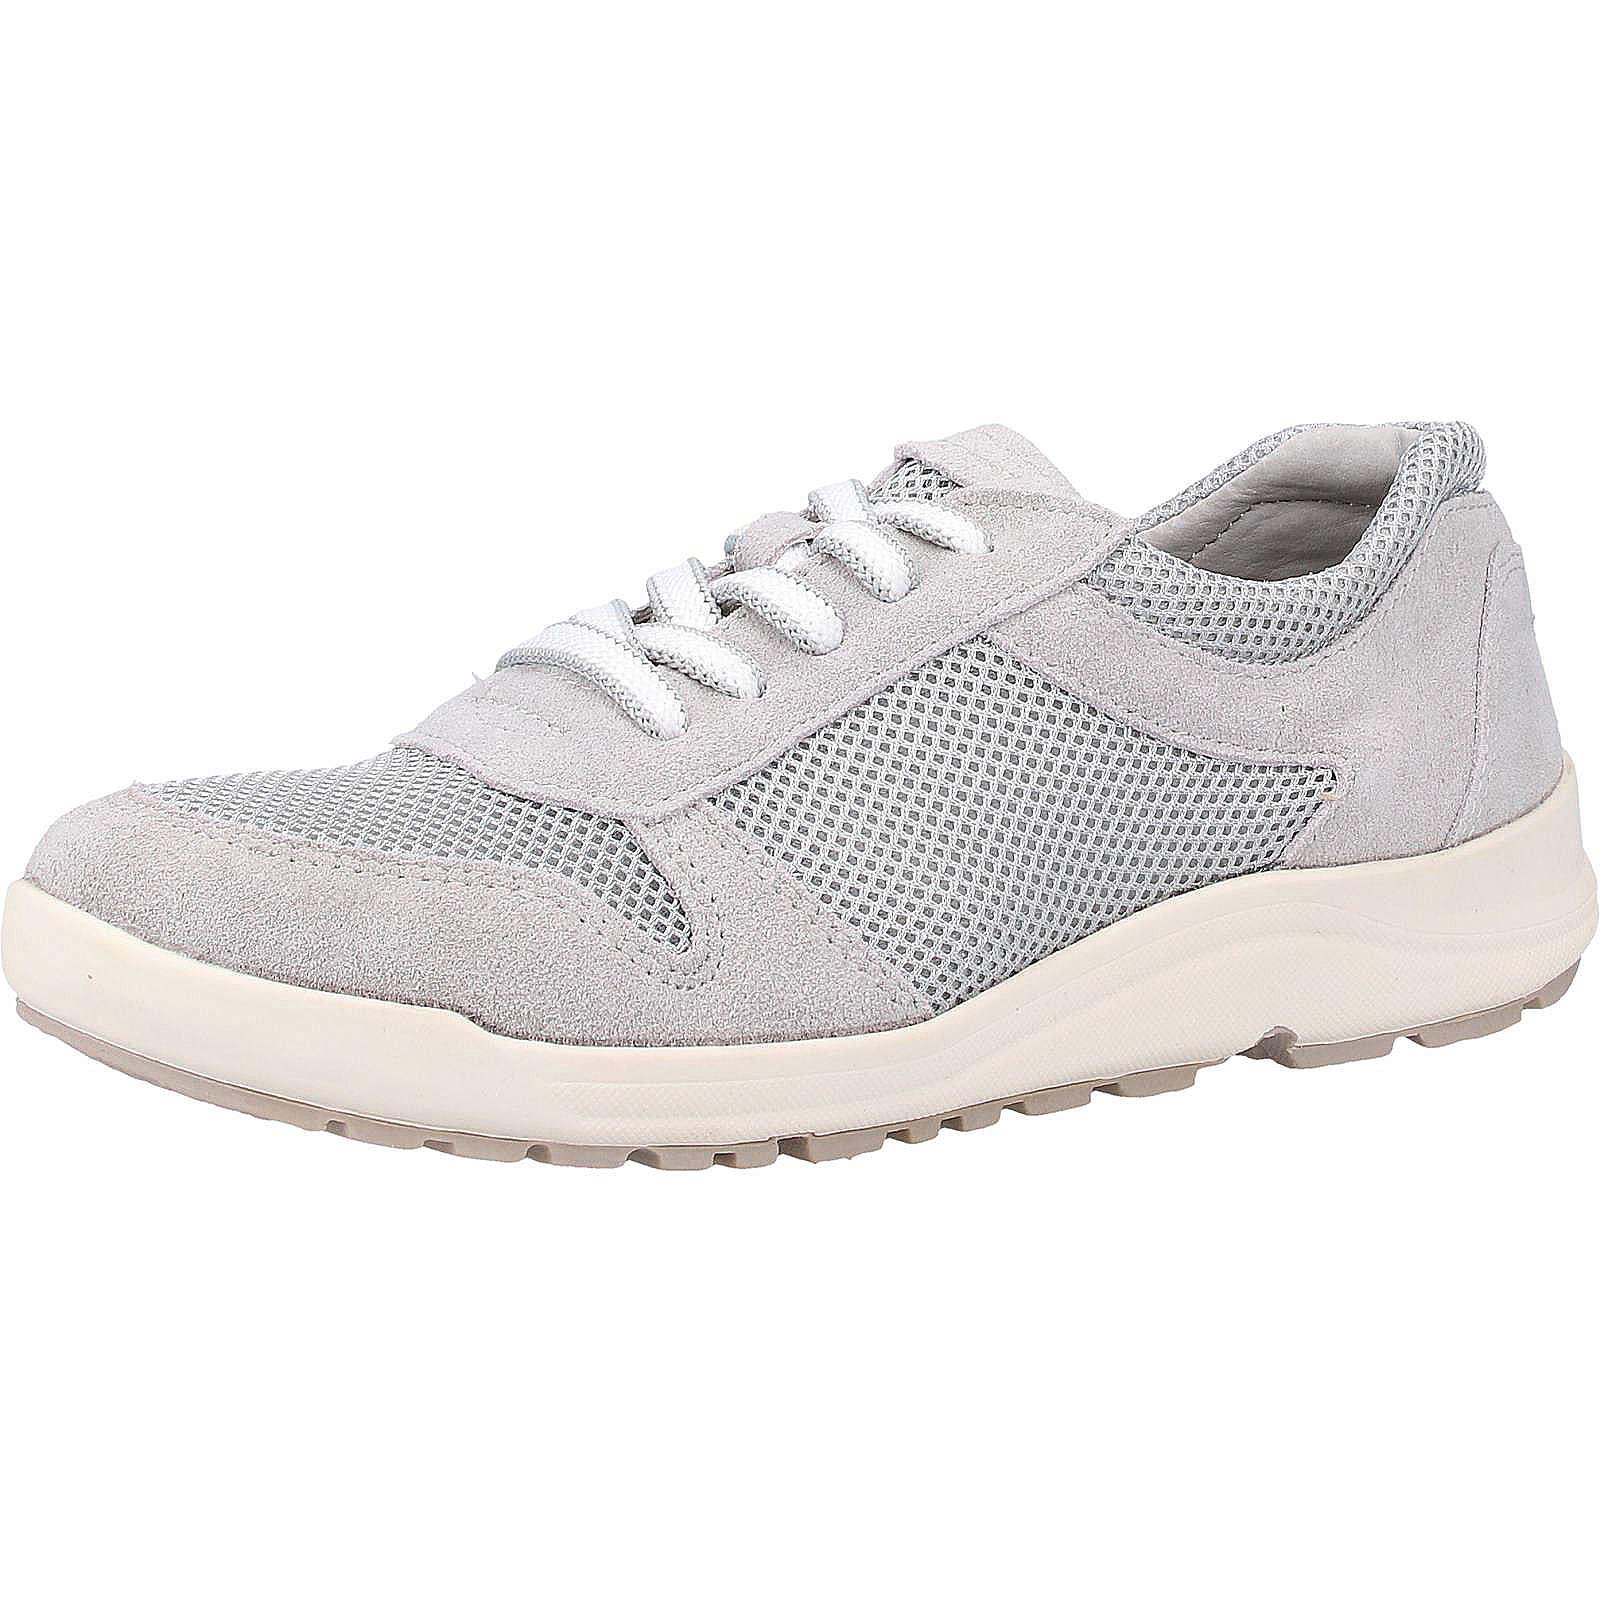 Jana Sneaker Sneakers Low hellgrau Damen Gr. 37